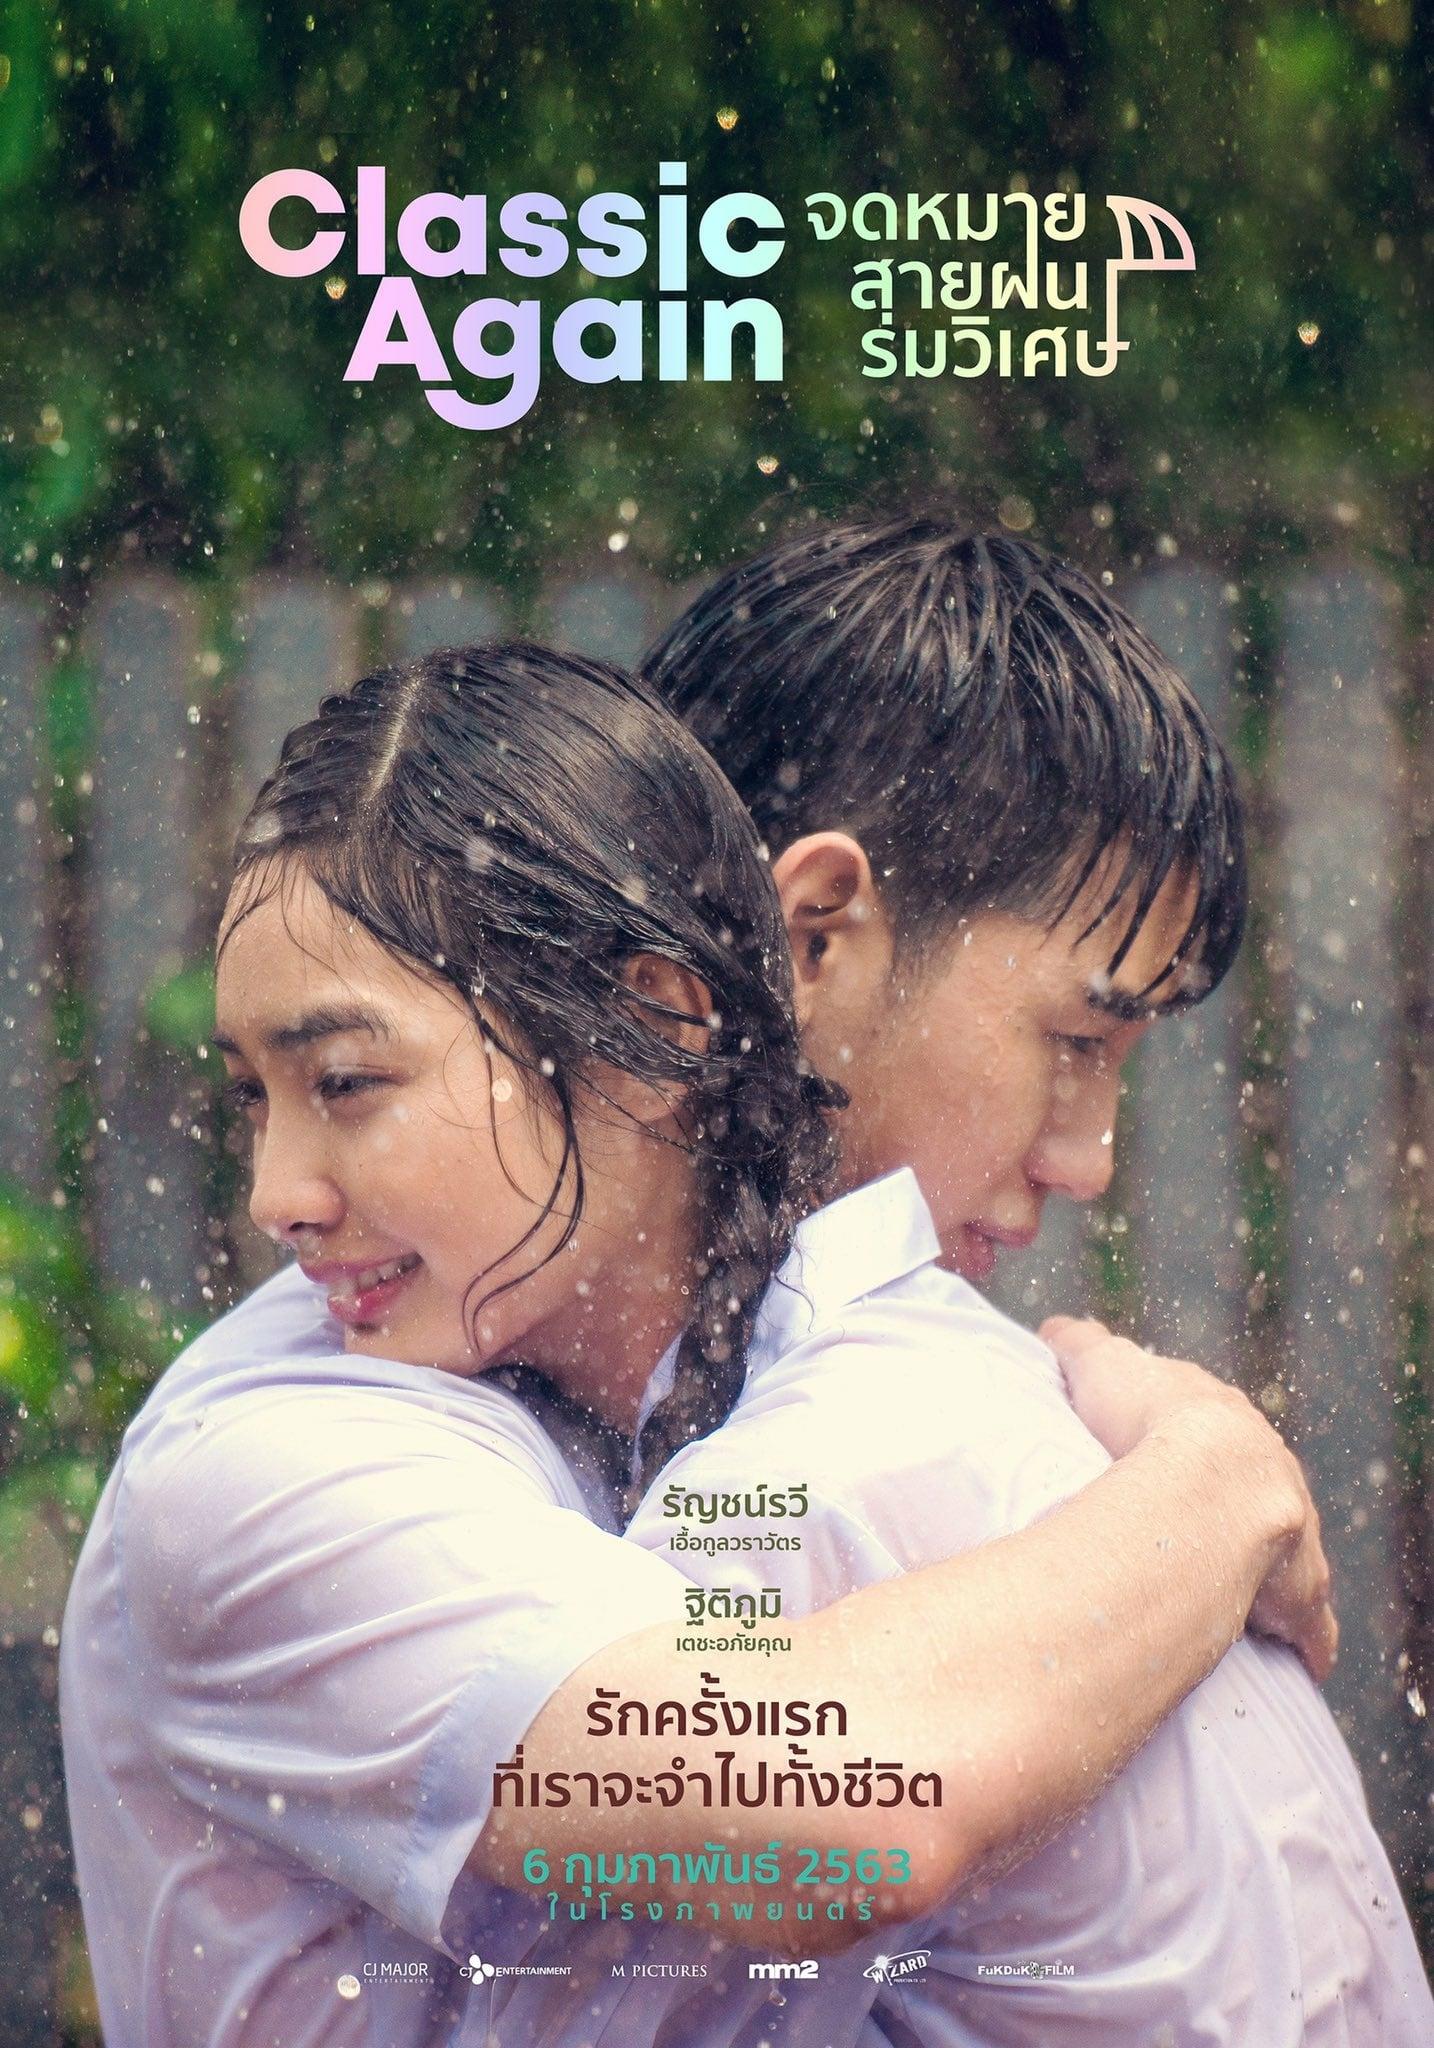 Phim Thái Lan Cơn mưa tình yêu